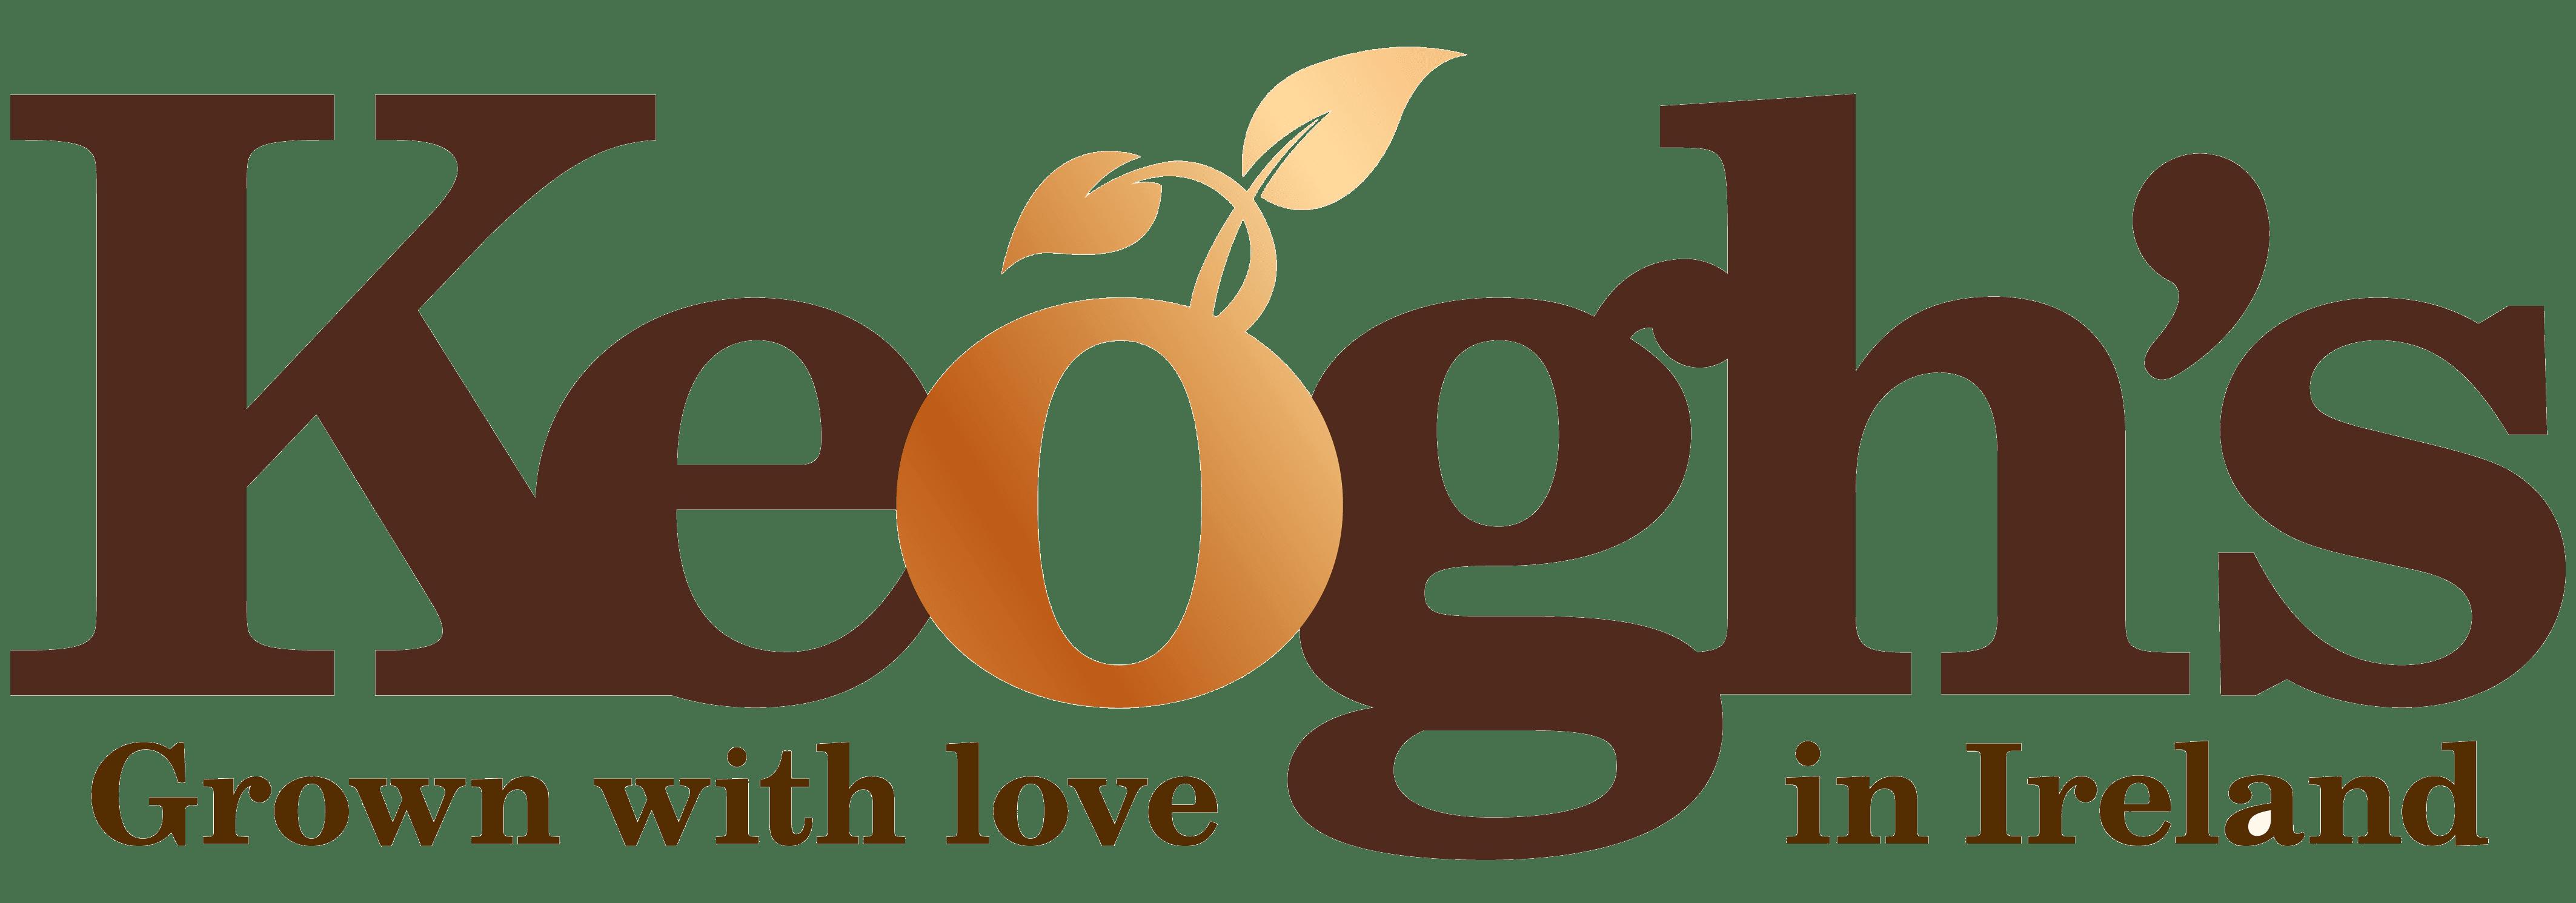 keoghs-logo